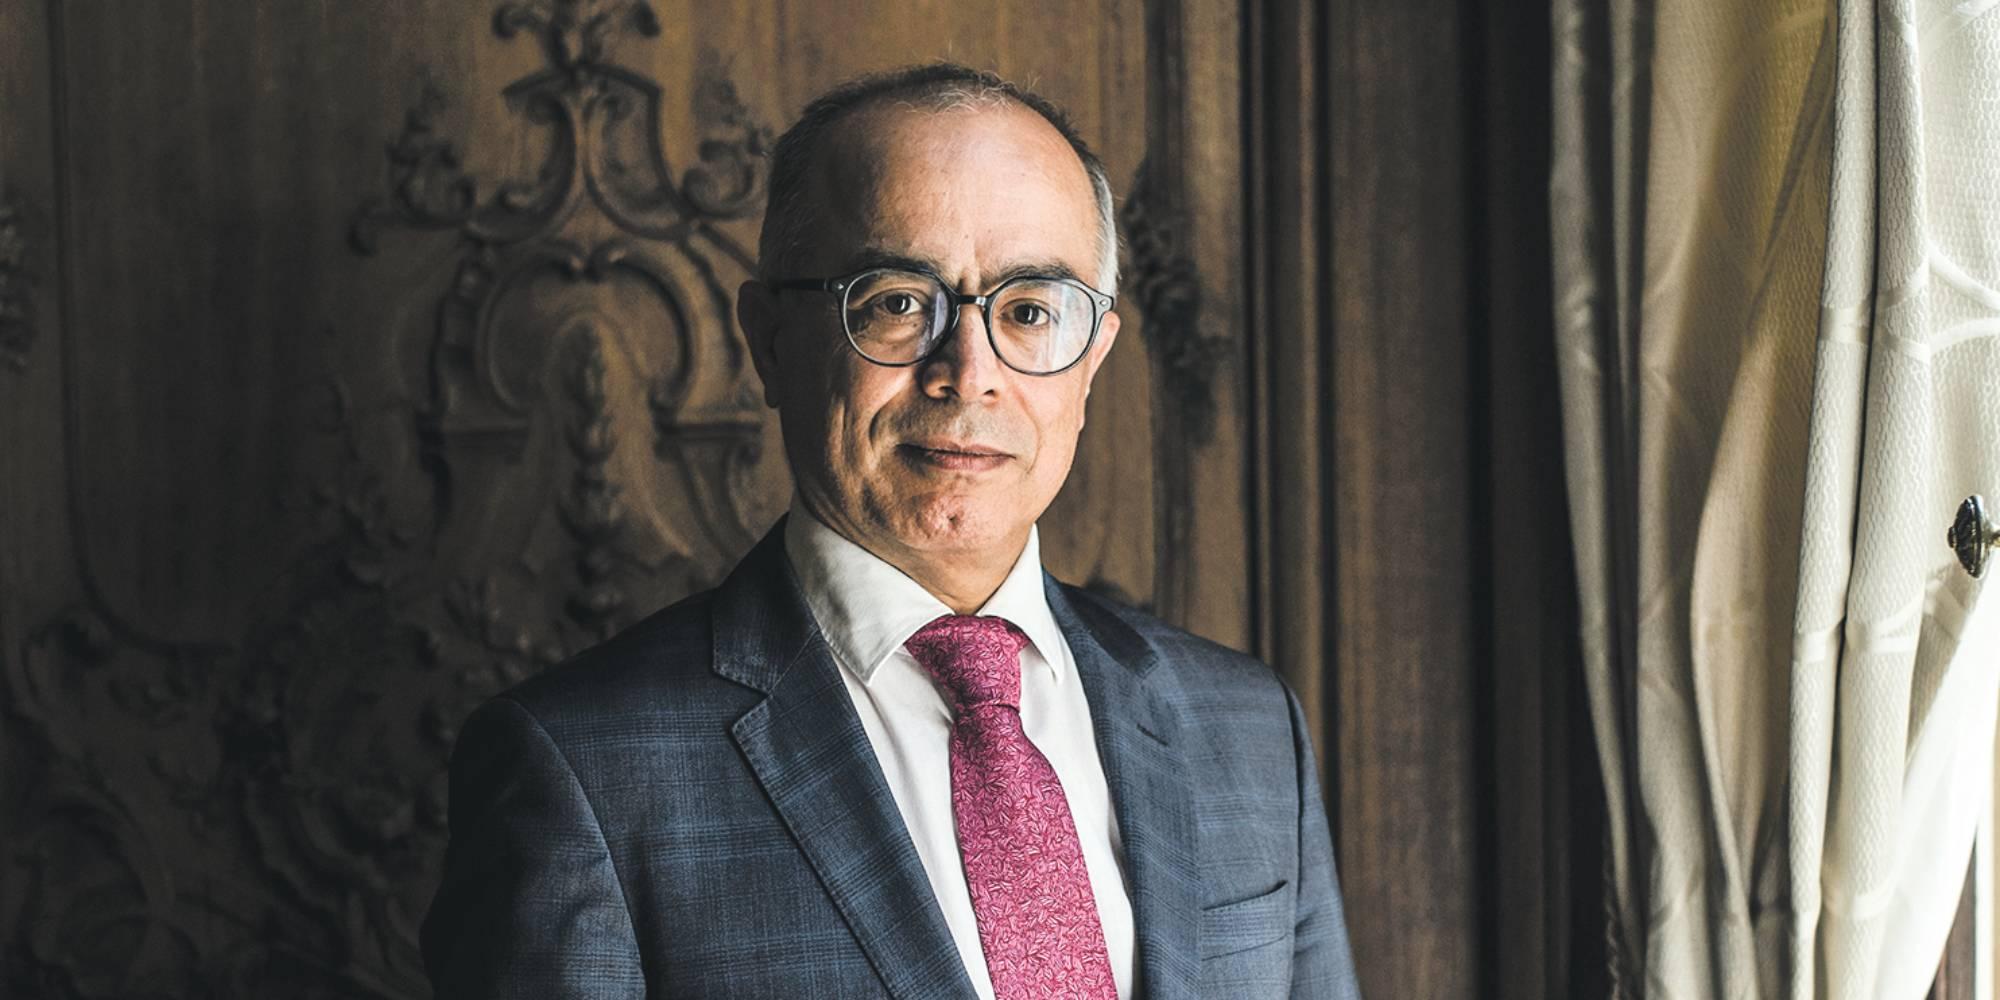 """EXCLUSIF. Chakib Benmoussa, l'ambassadeur du Maroc en France : """"Mon pays n'a pas espionné le président Macron"""""""